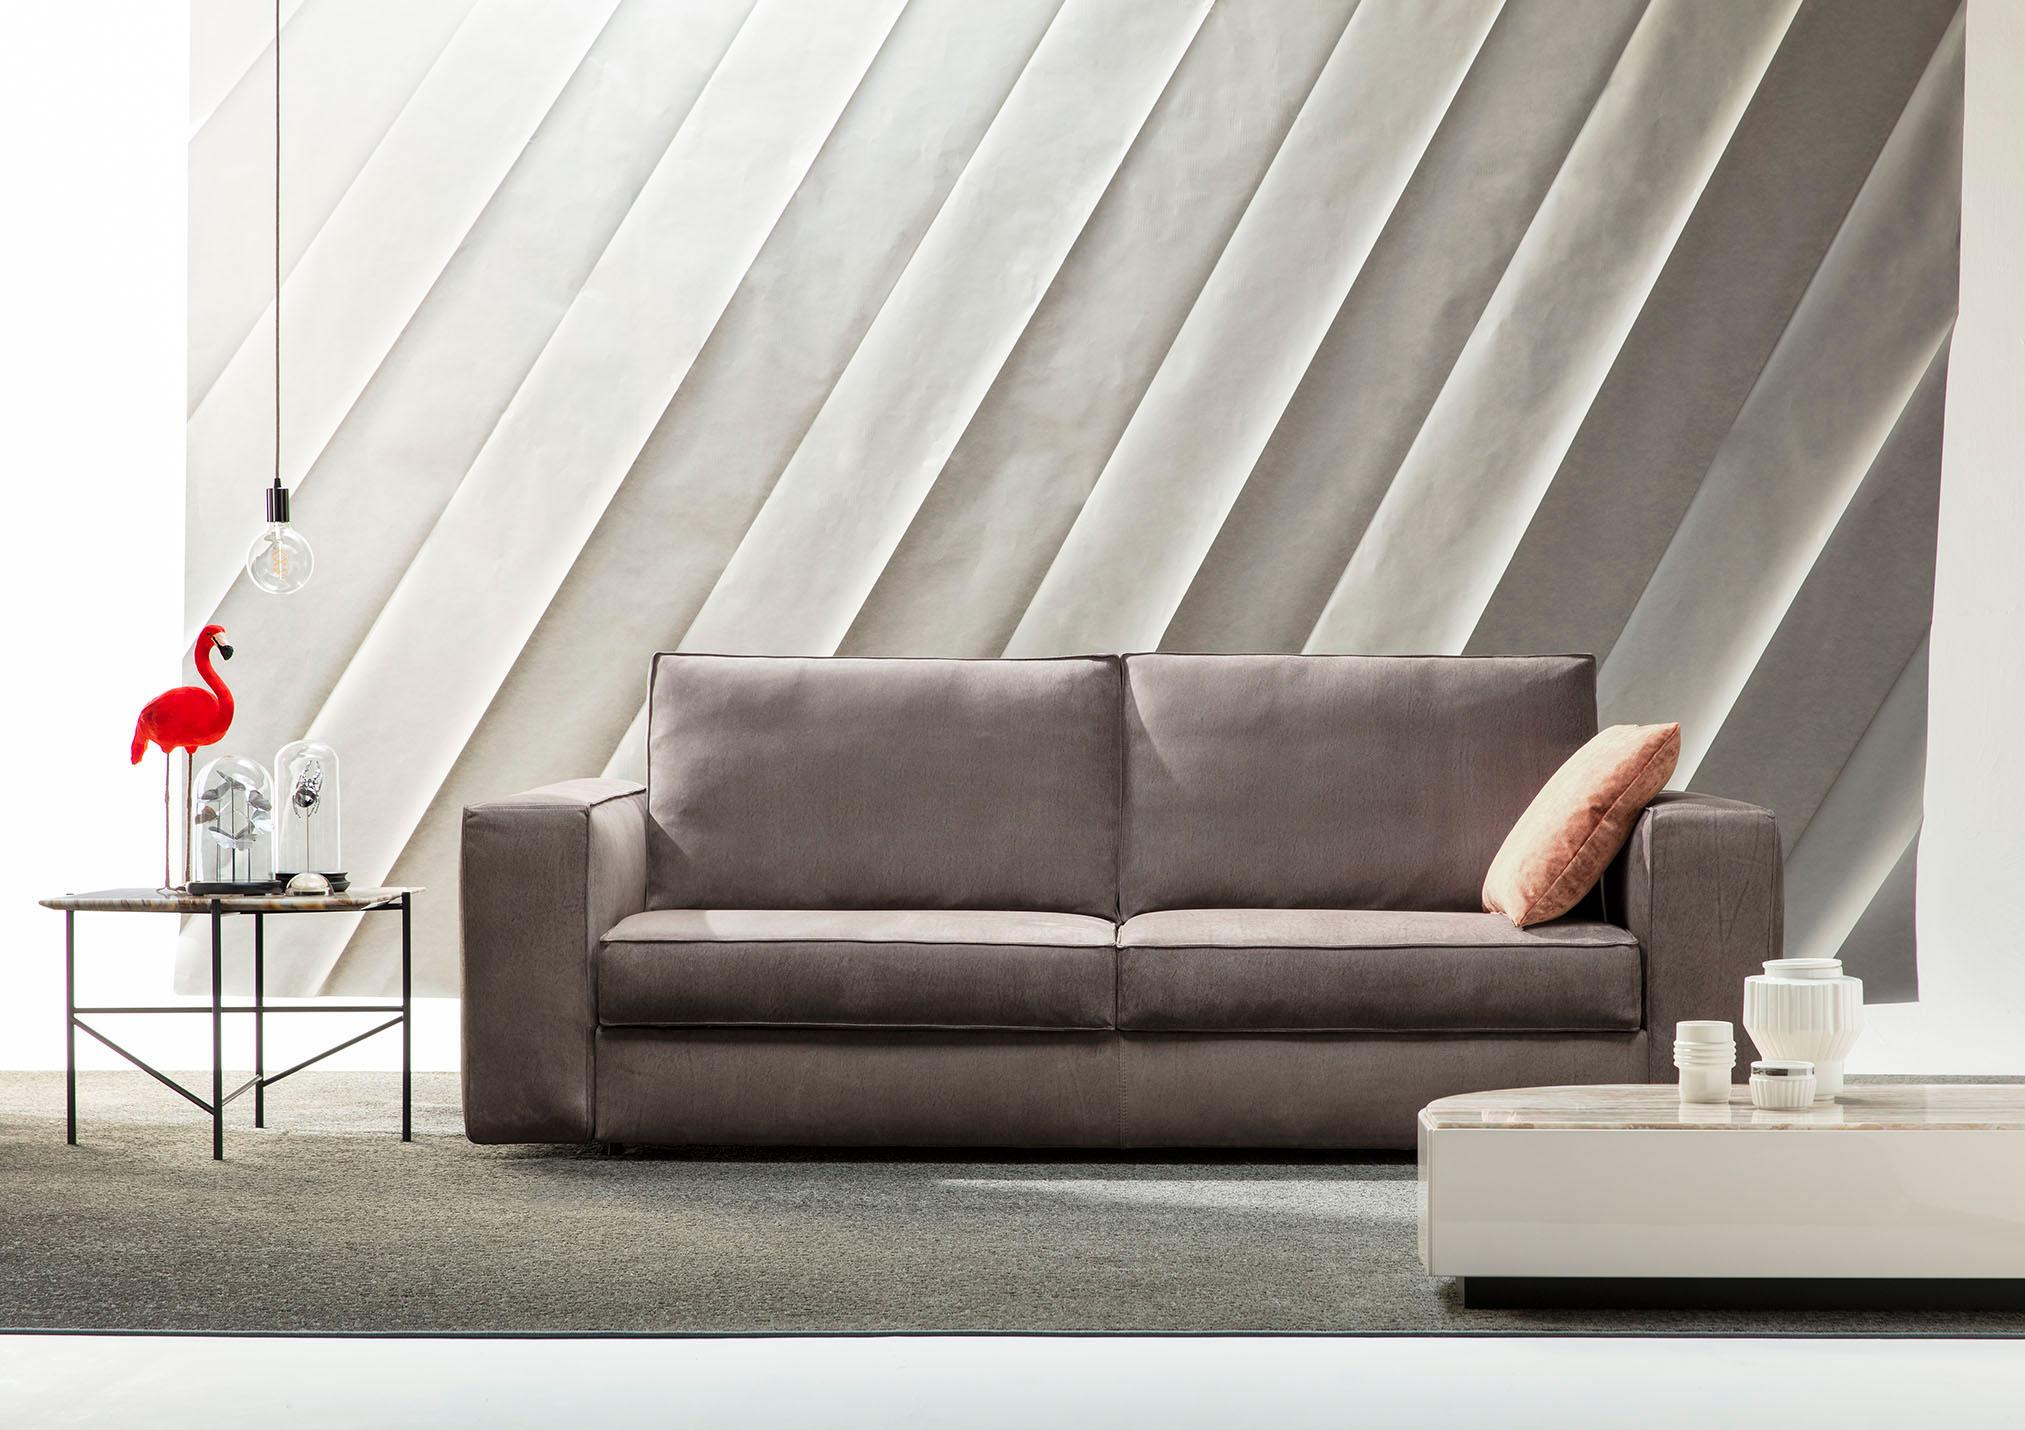 cuir ou pas cuir telle est la question un seul acte avec le canap lit nemo bertostory. Black Bedroom Furniture Sets. Home Design Ideas